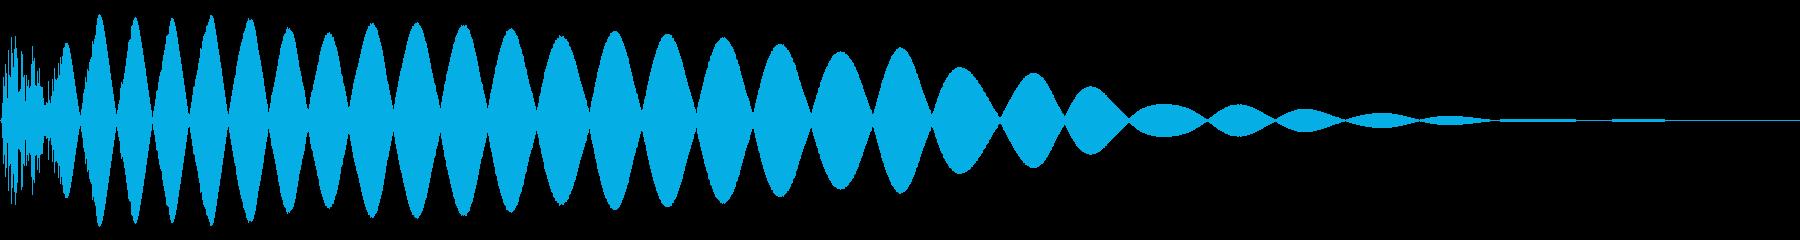 EDMやIDM系のバスドラム!05cの再生済みの波形